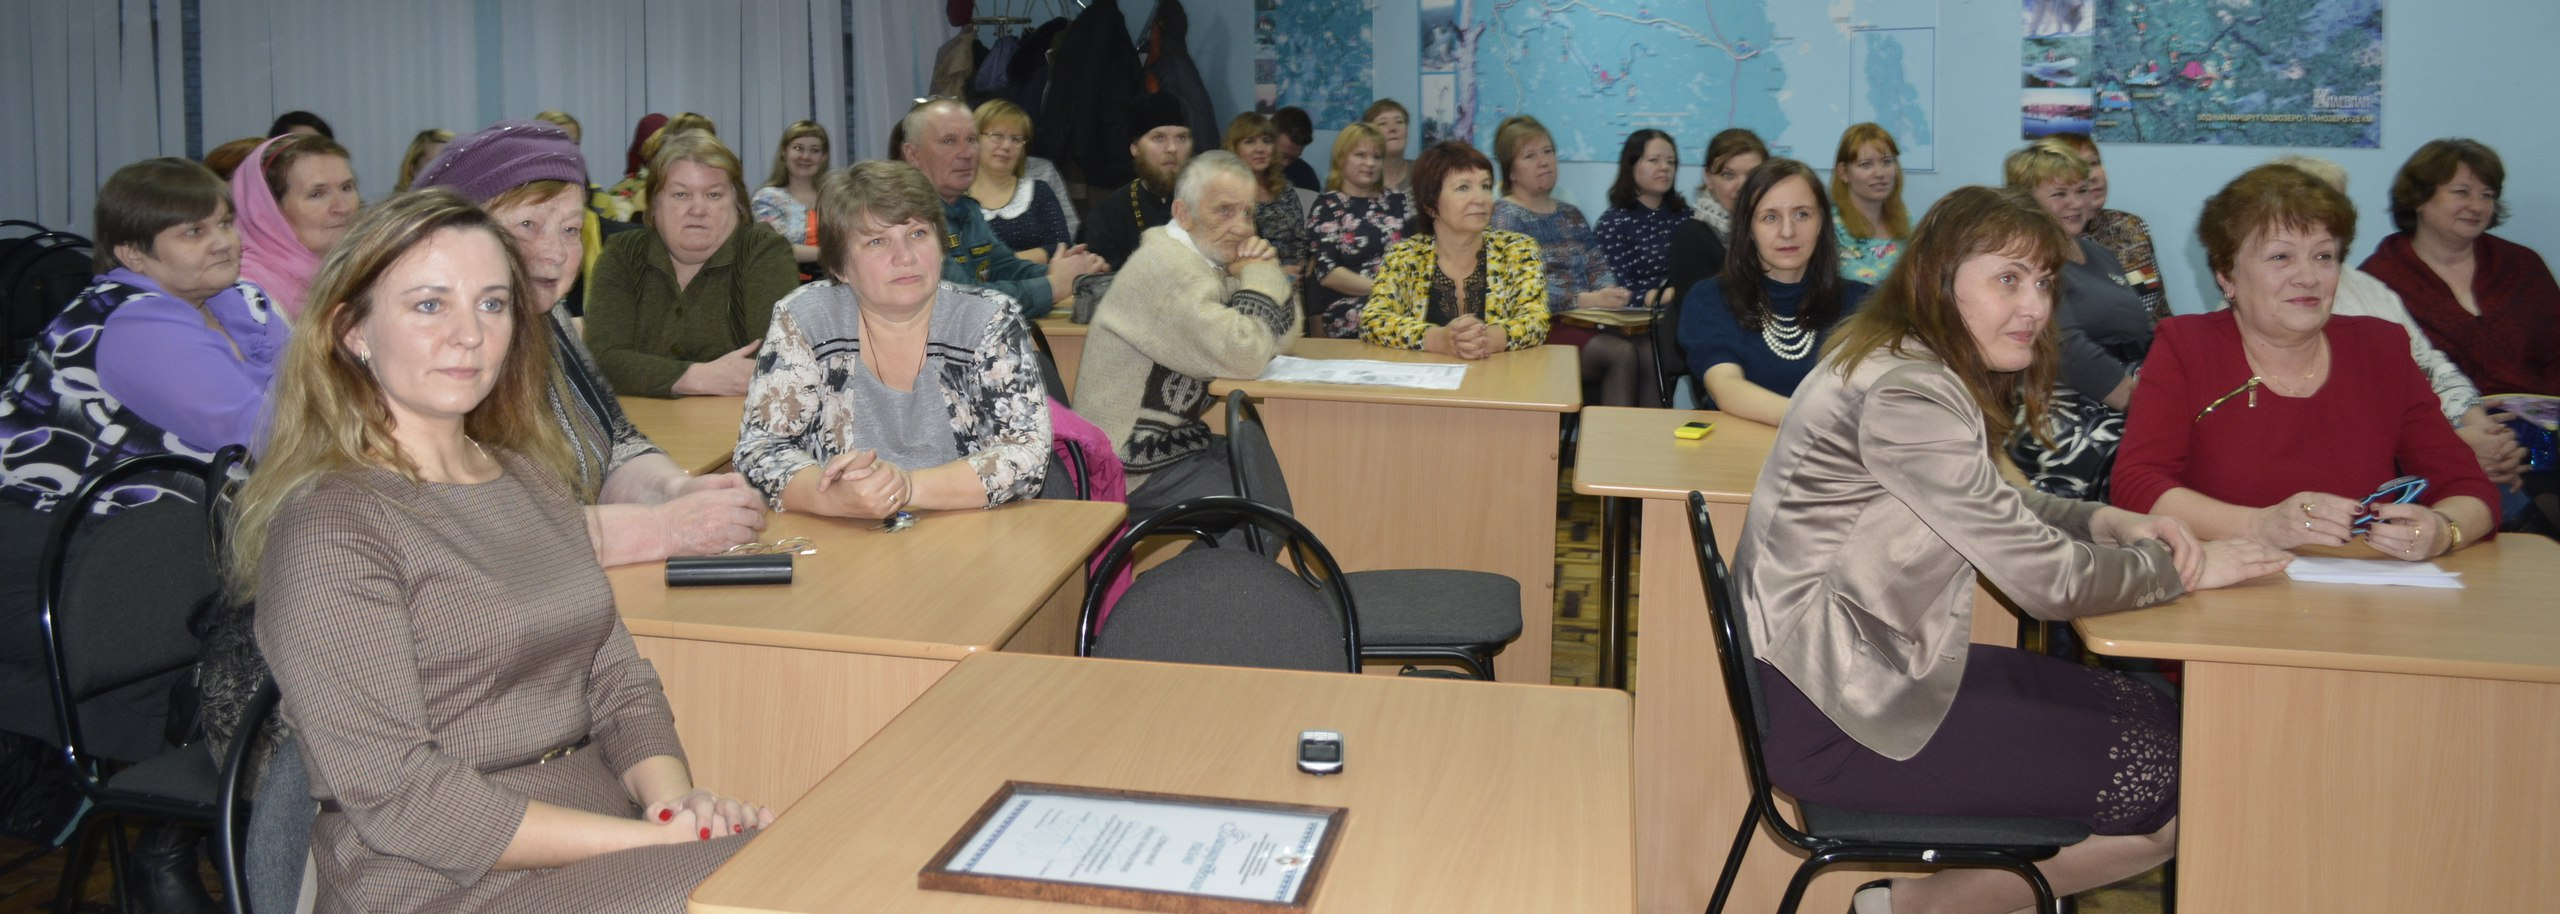 На юбилейном собрании. Фото: Надежда Васильева